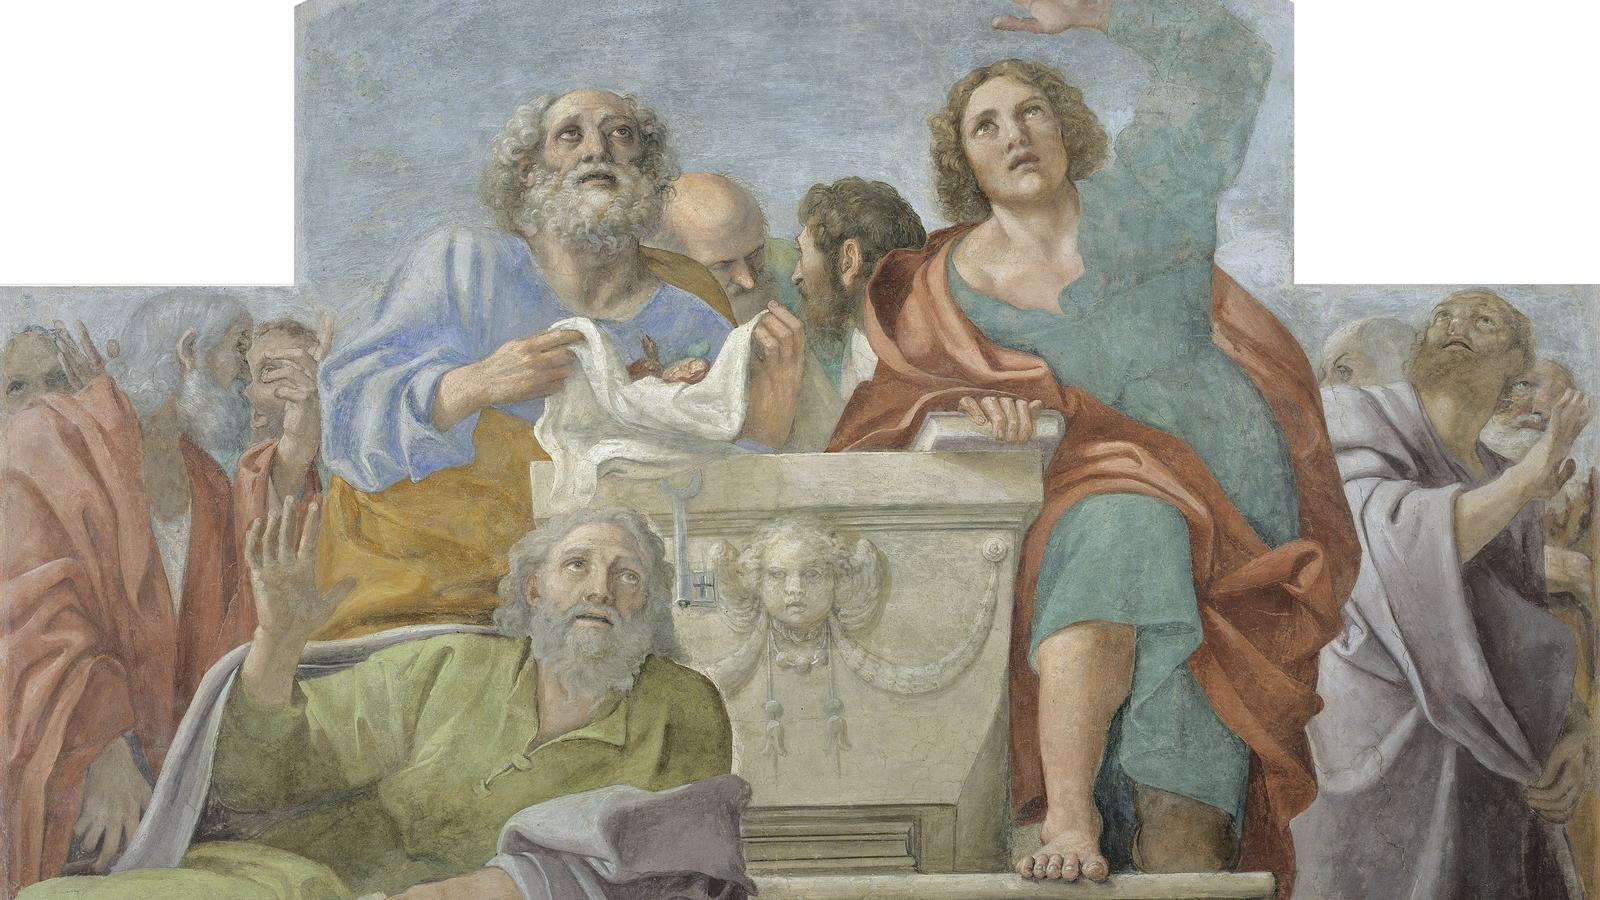 ' Apòstols al voltant del sepulcre buit', d'Annibale Carracci  i F. Albani, per a la Capella Herrera